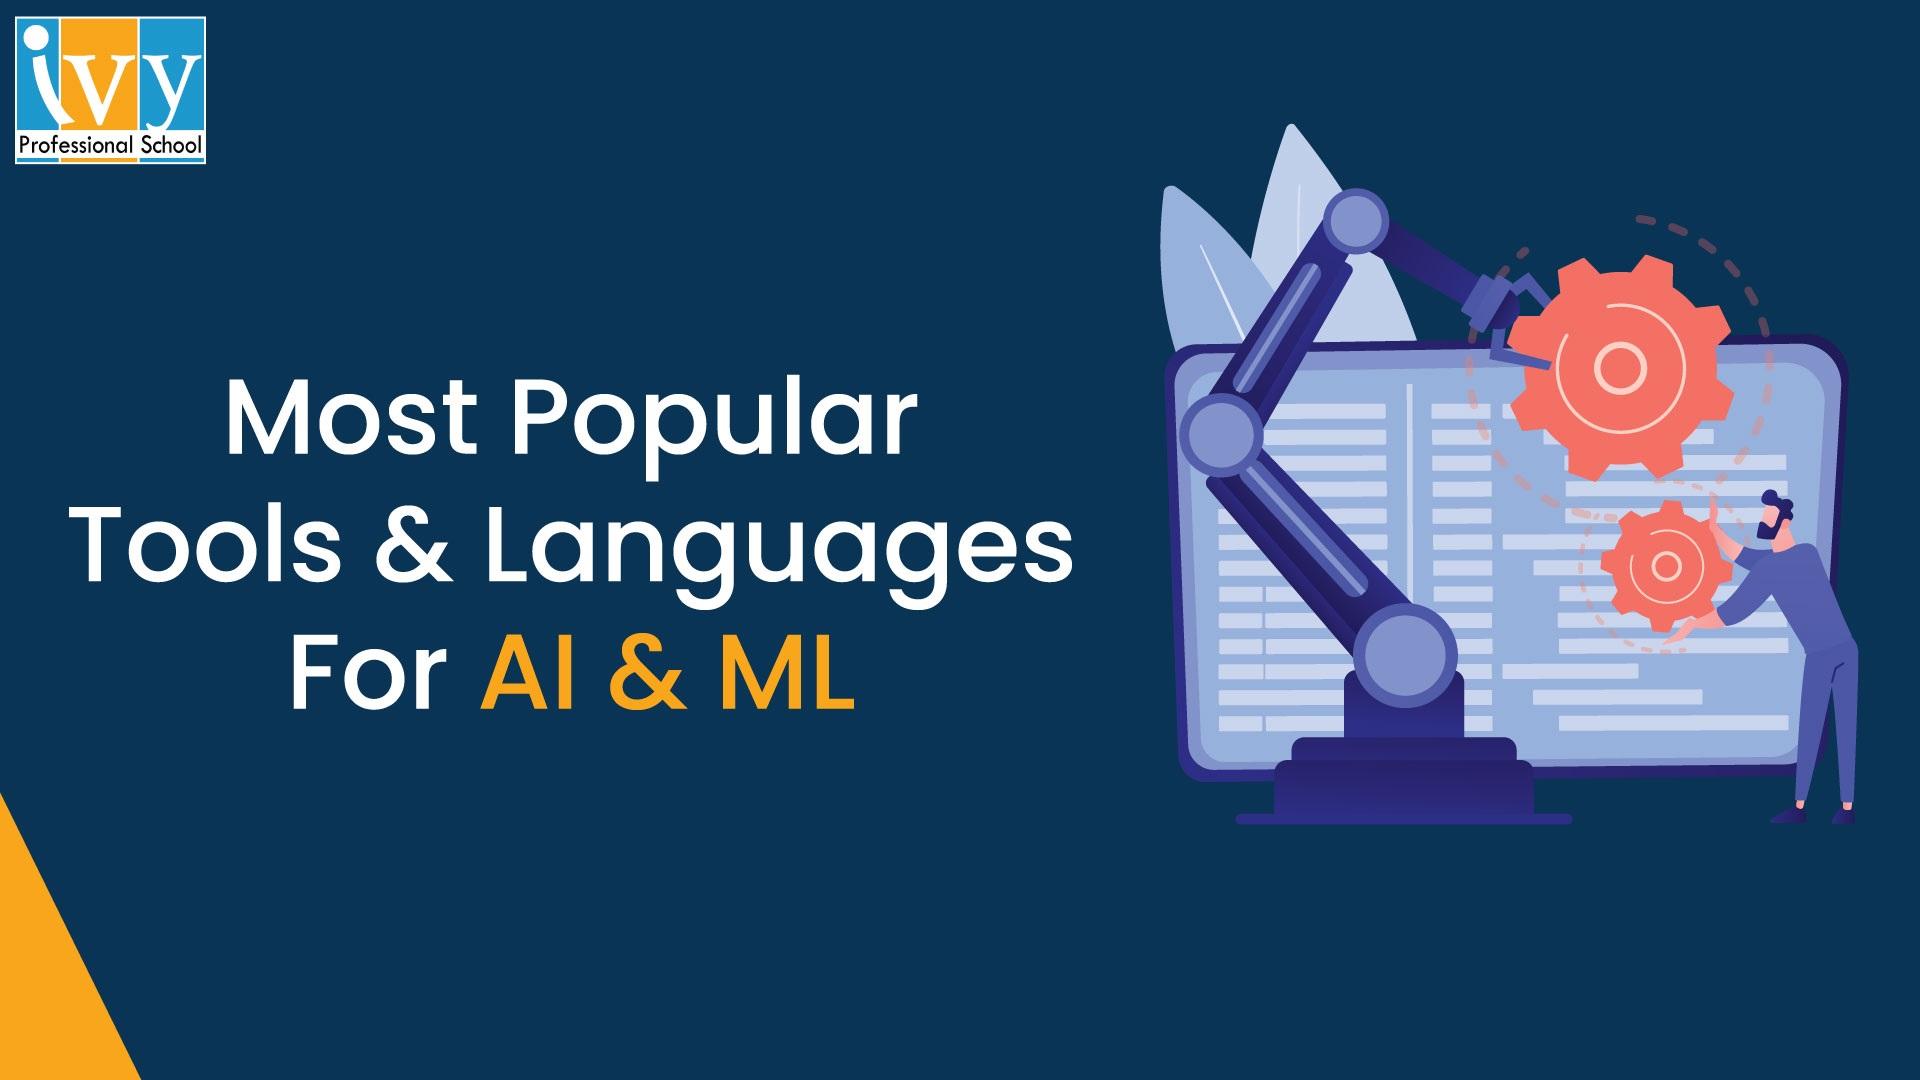 AI & ML - Ivy Pro School